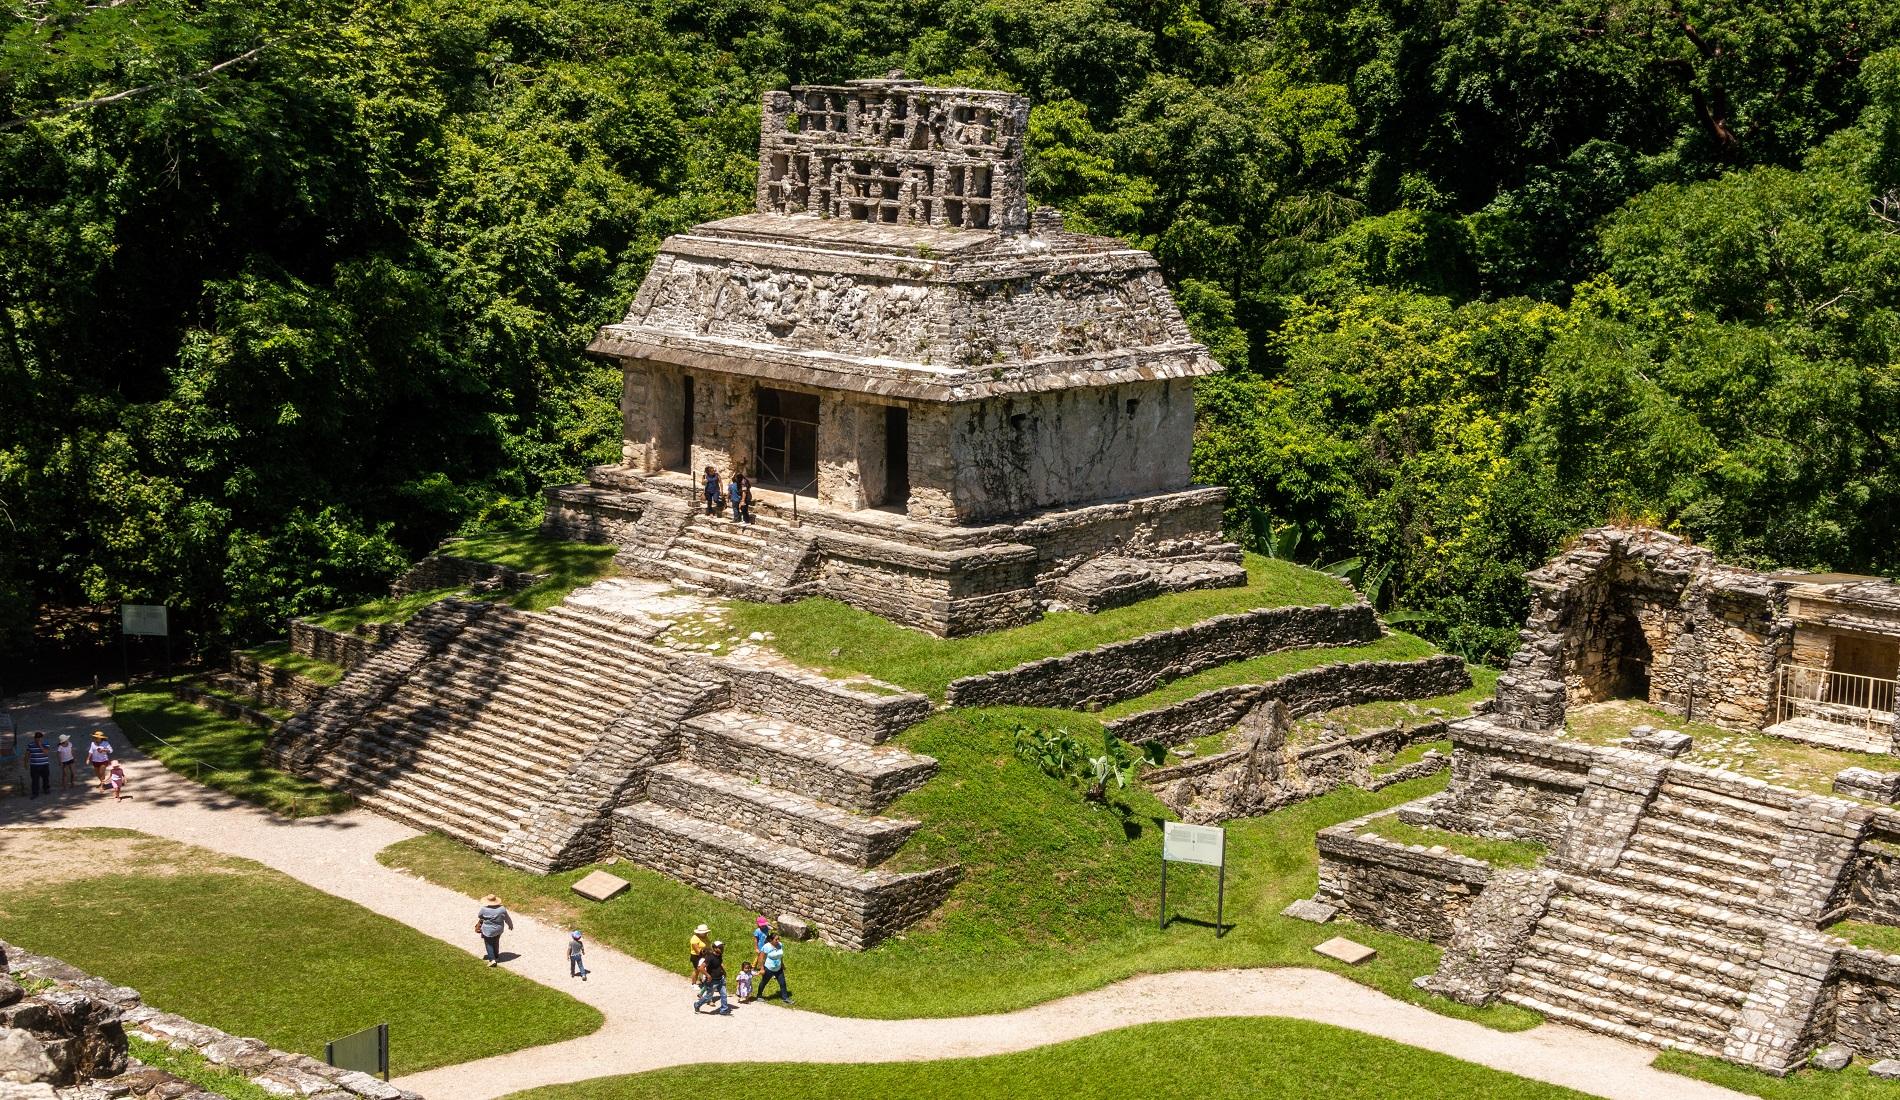 rondreis mexico guatemala belize palenque